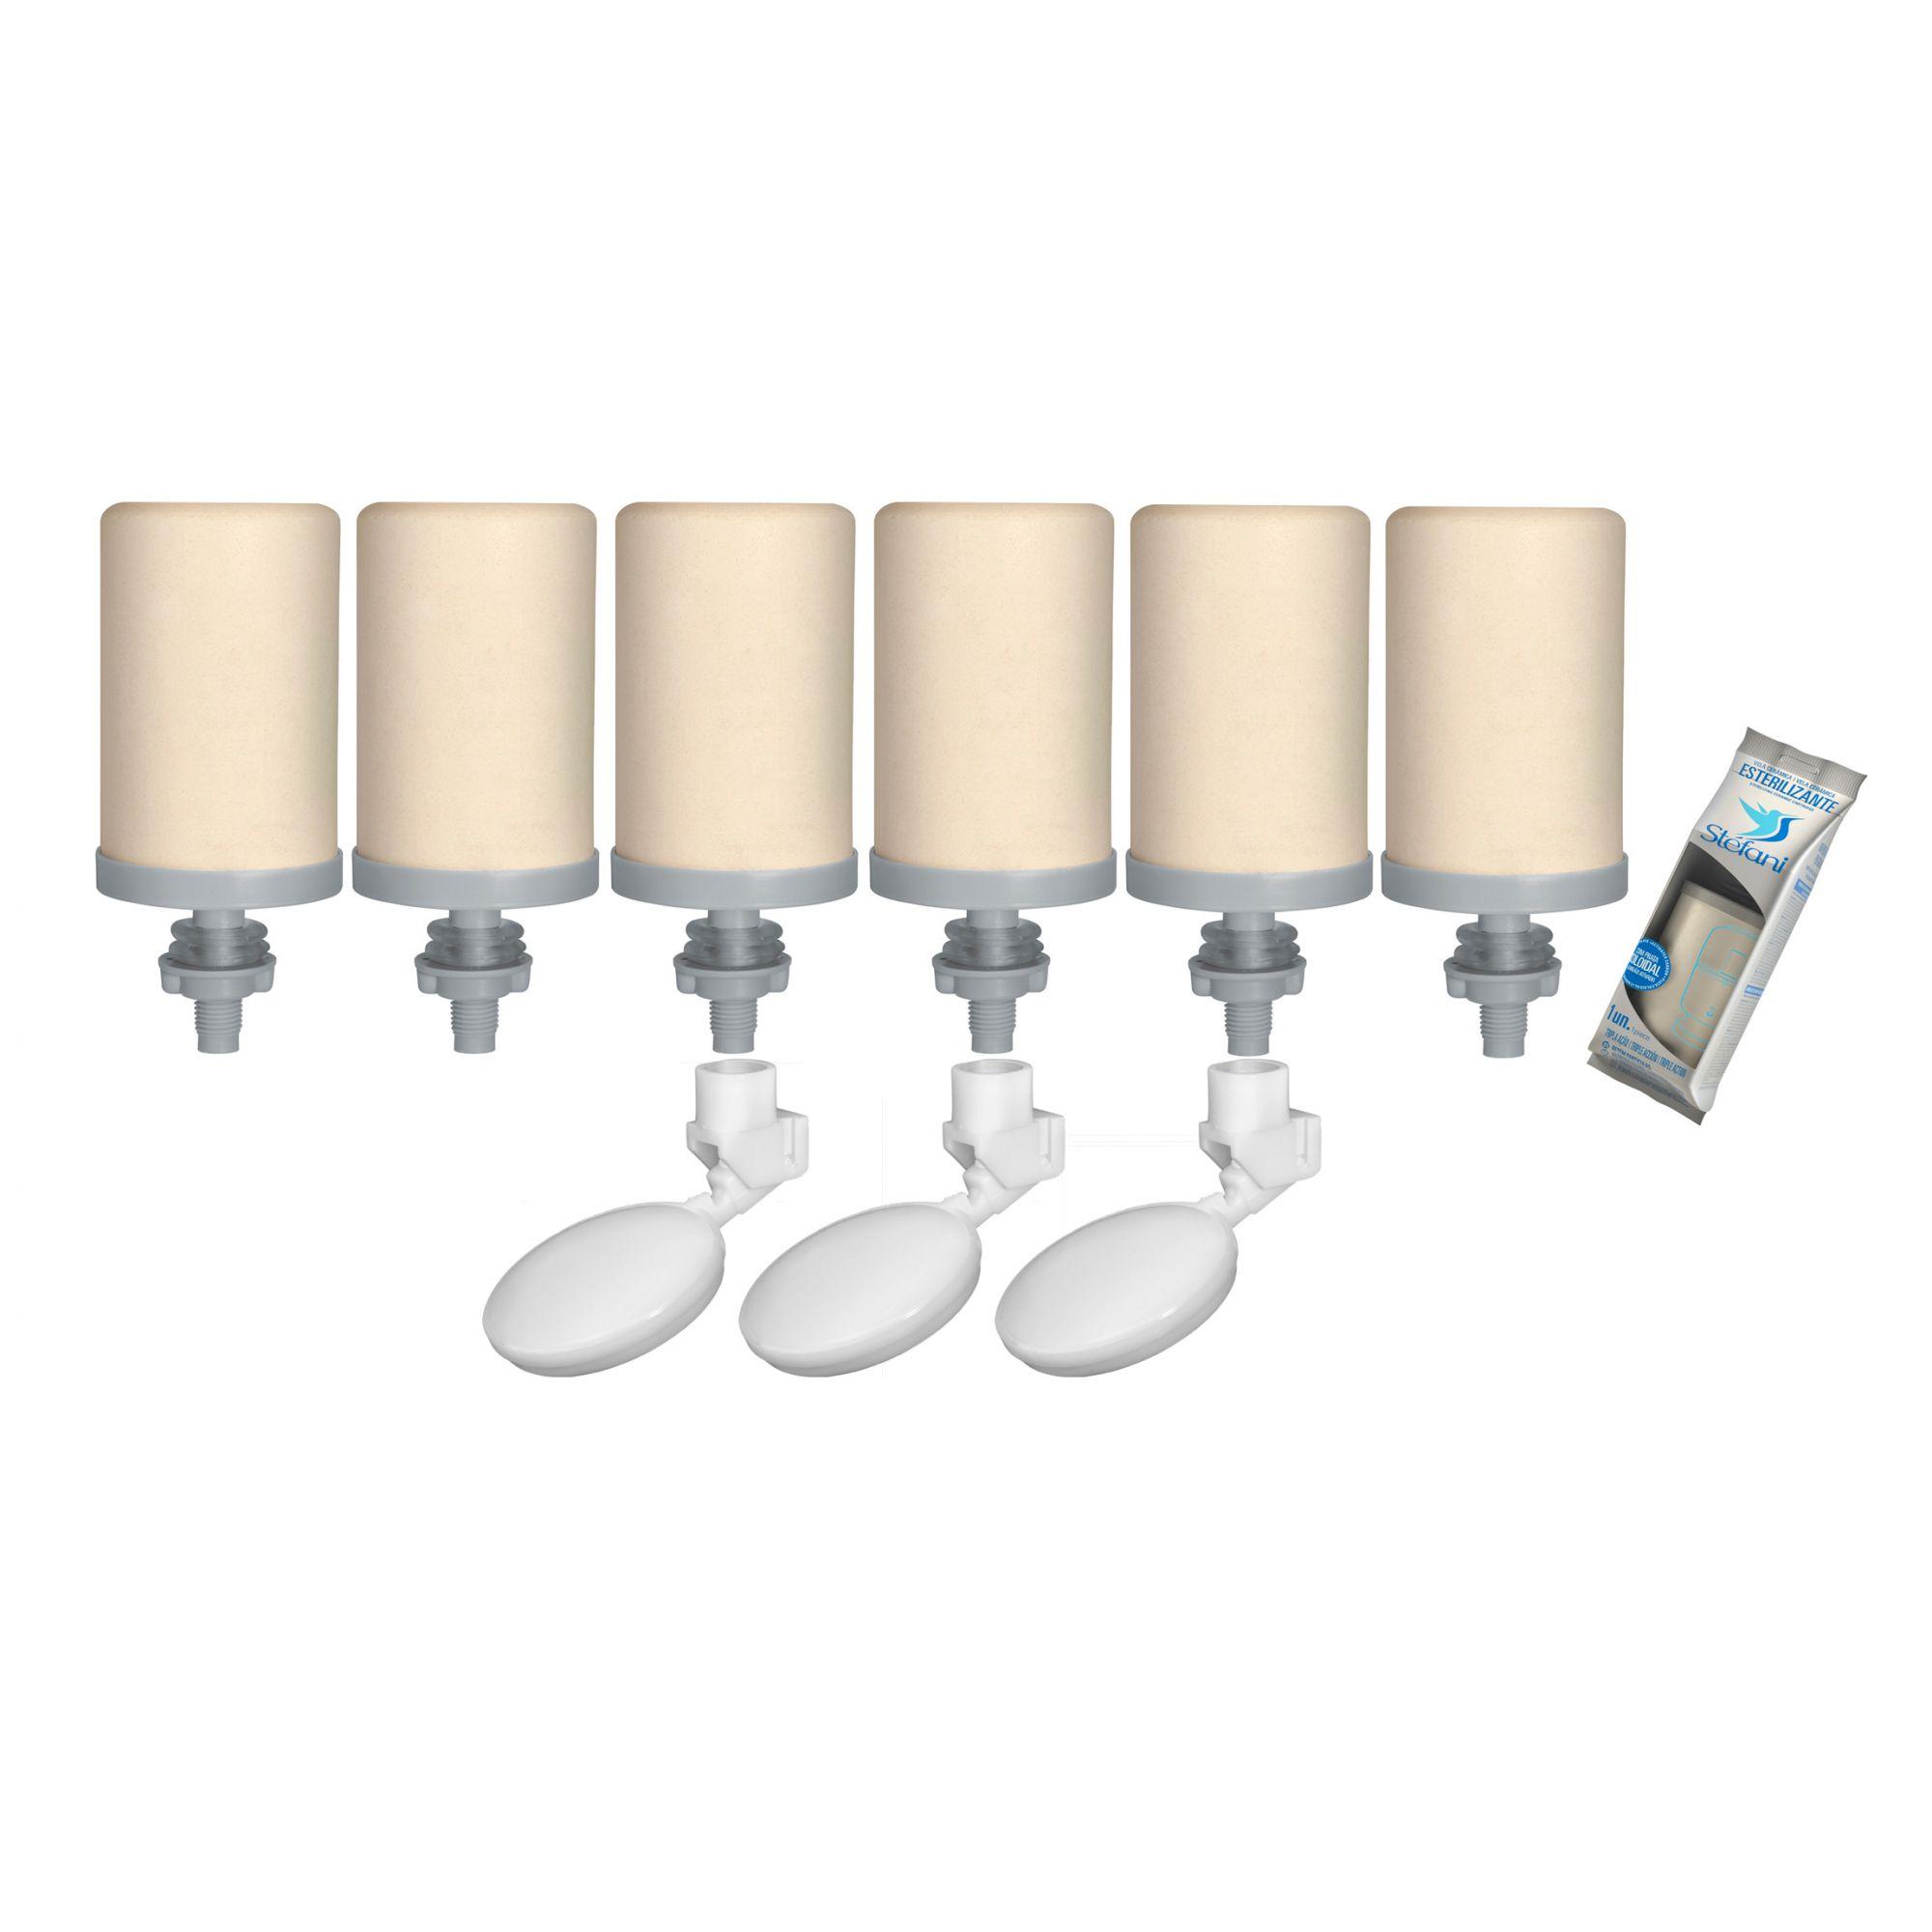 Vela para Filtro de Barro Stefani Tripla Ação 06 unidades e 03 Boias  - CN Distribuidora